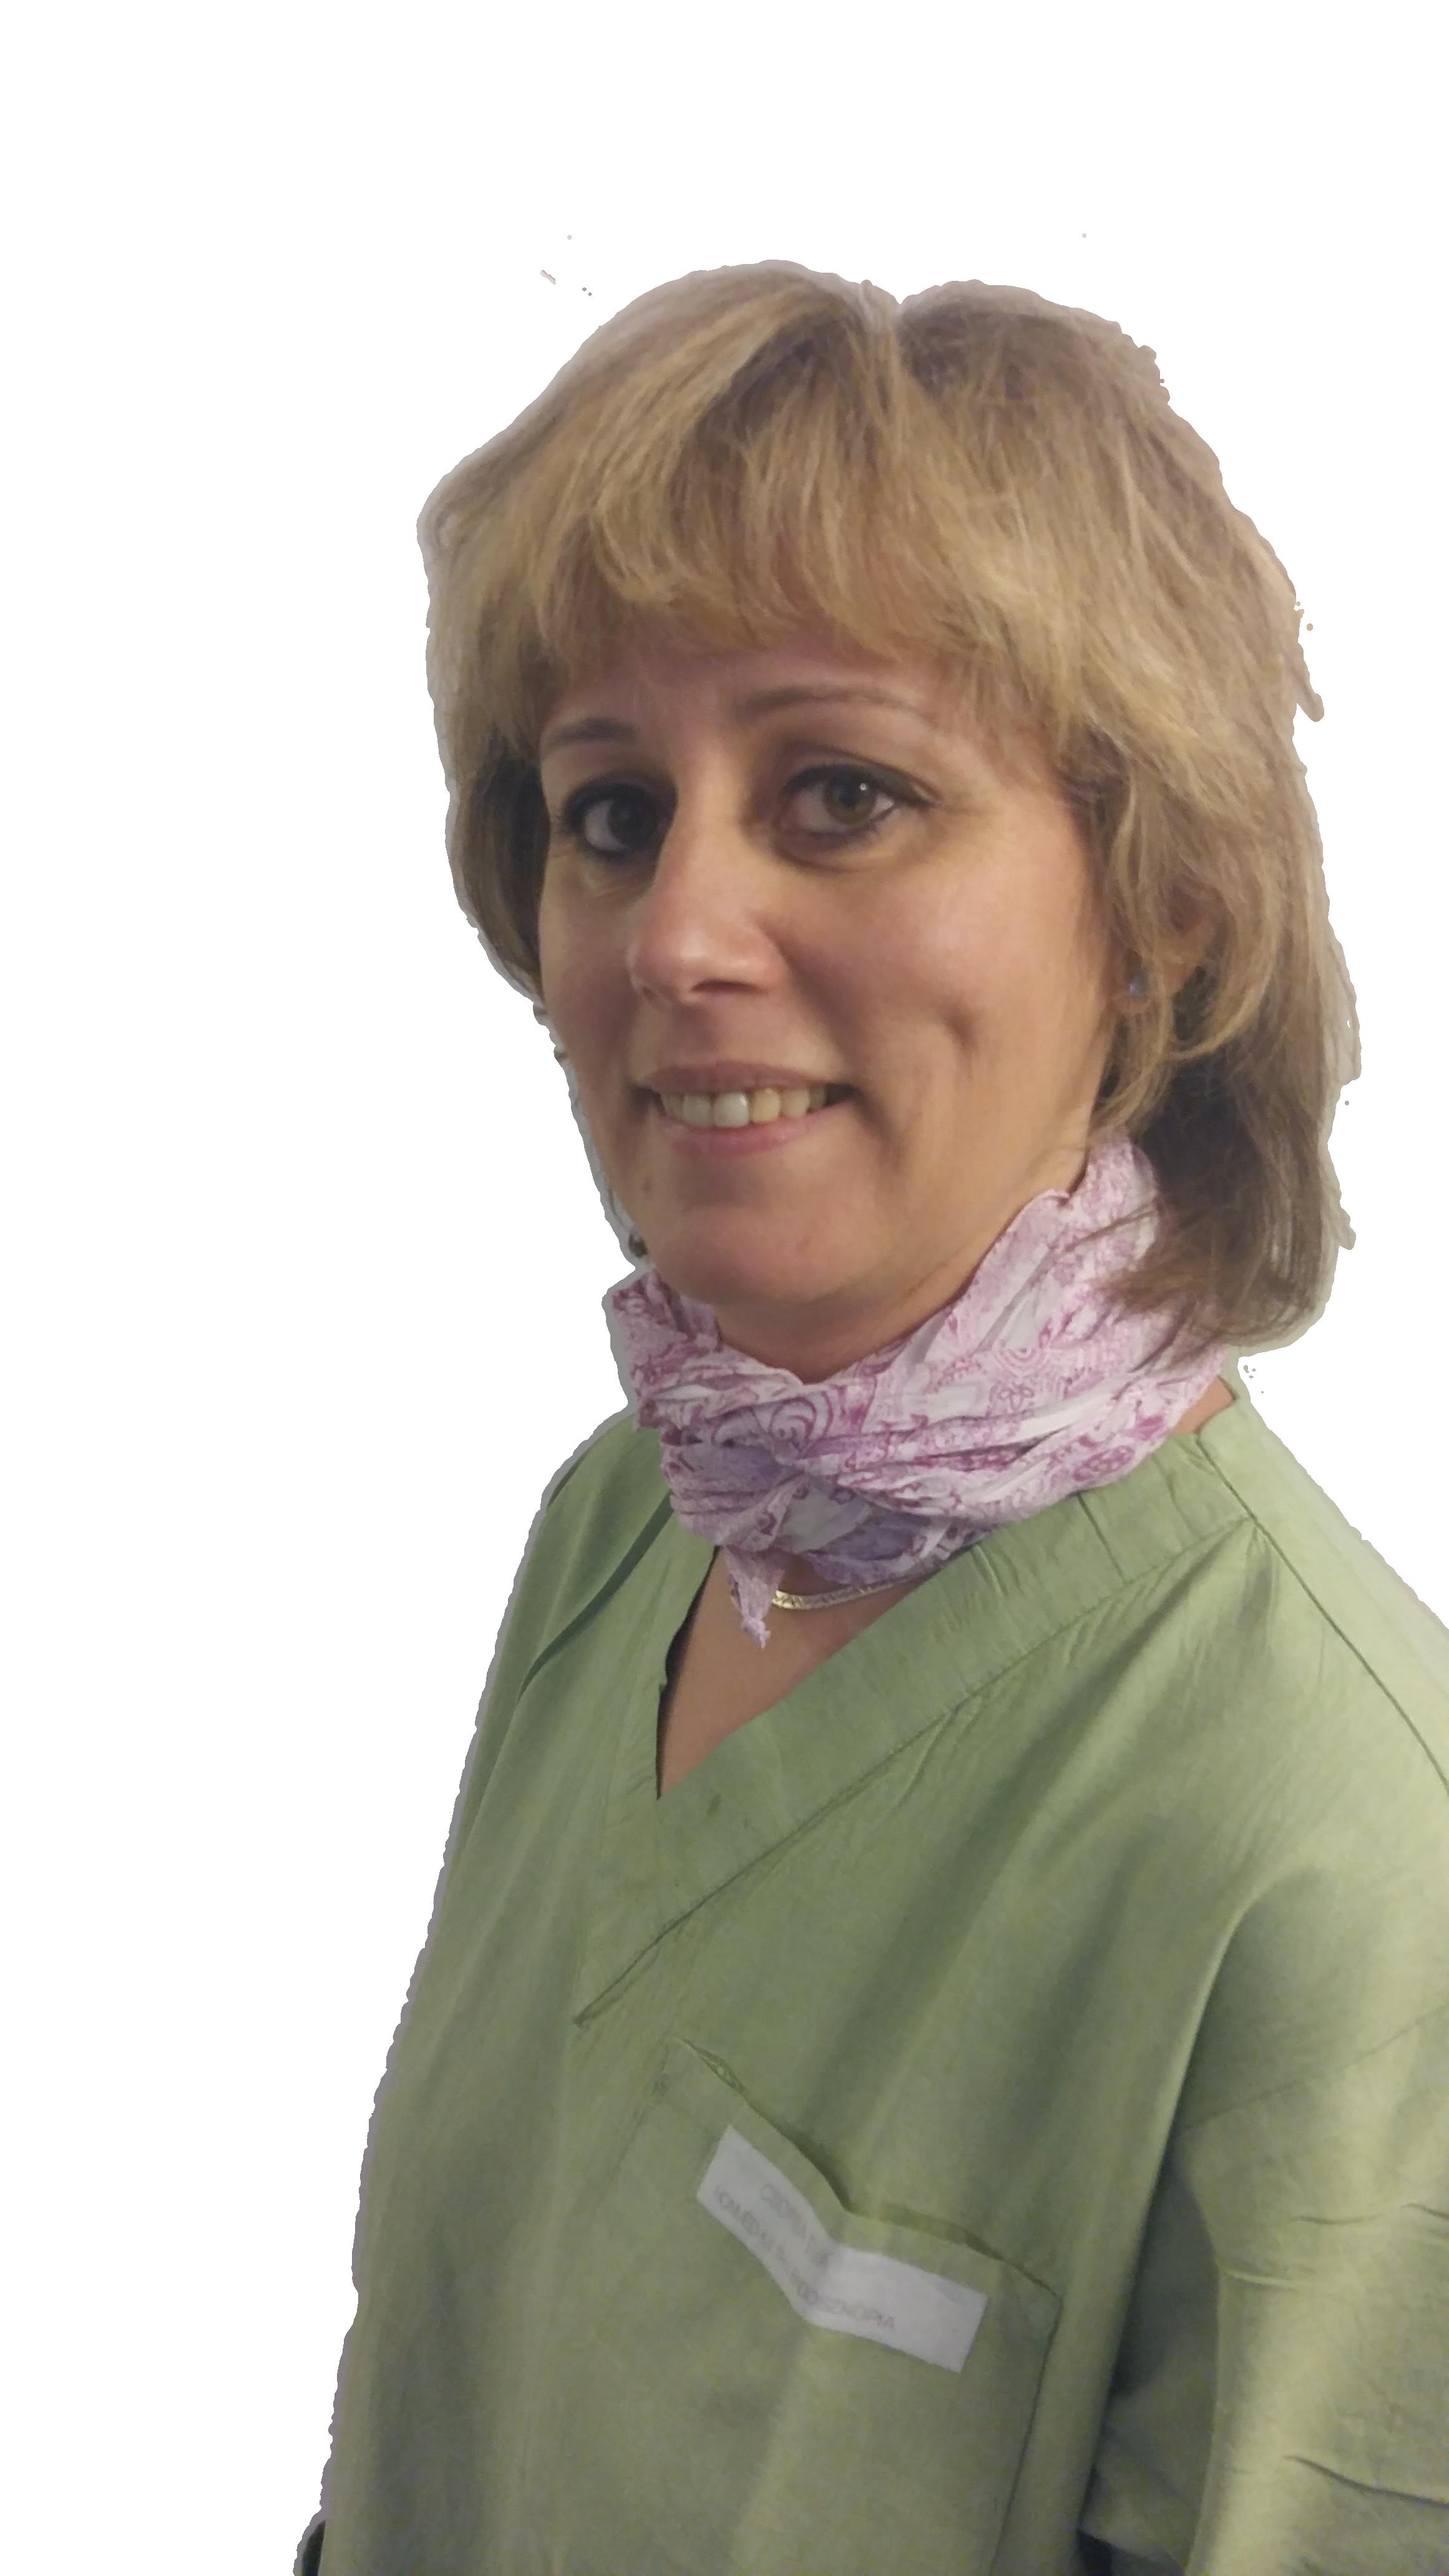 Csorba Éva, endoszkópos szakasszisztens, a Gastromed Center munkatársa